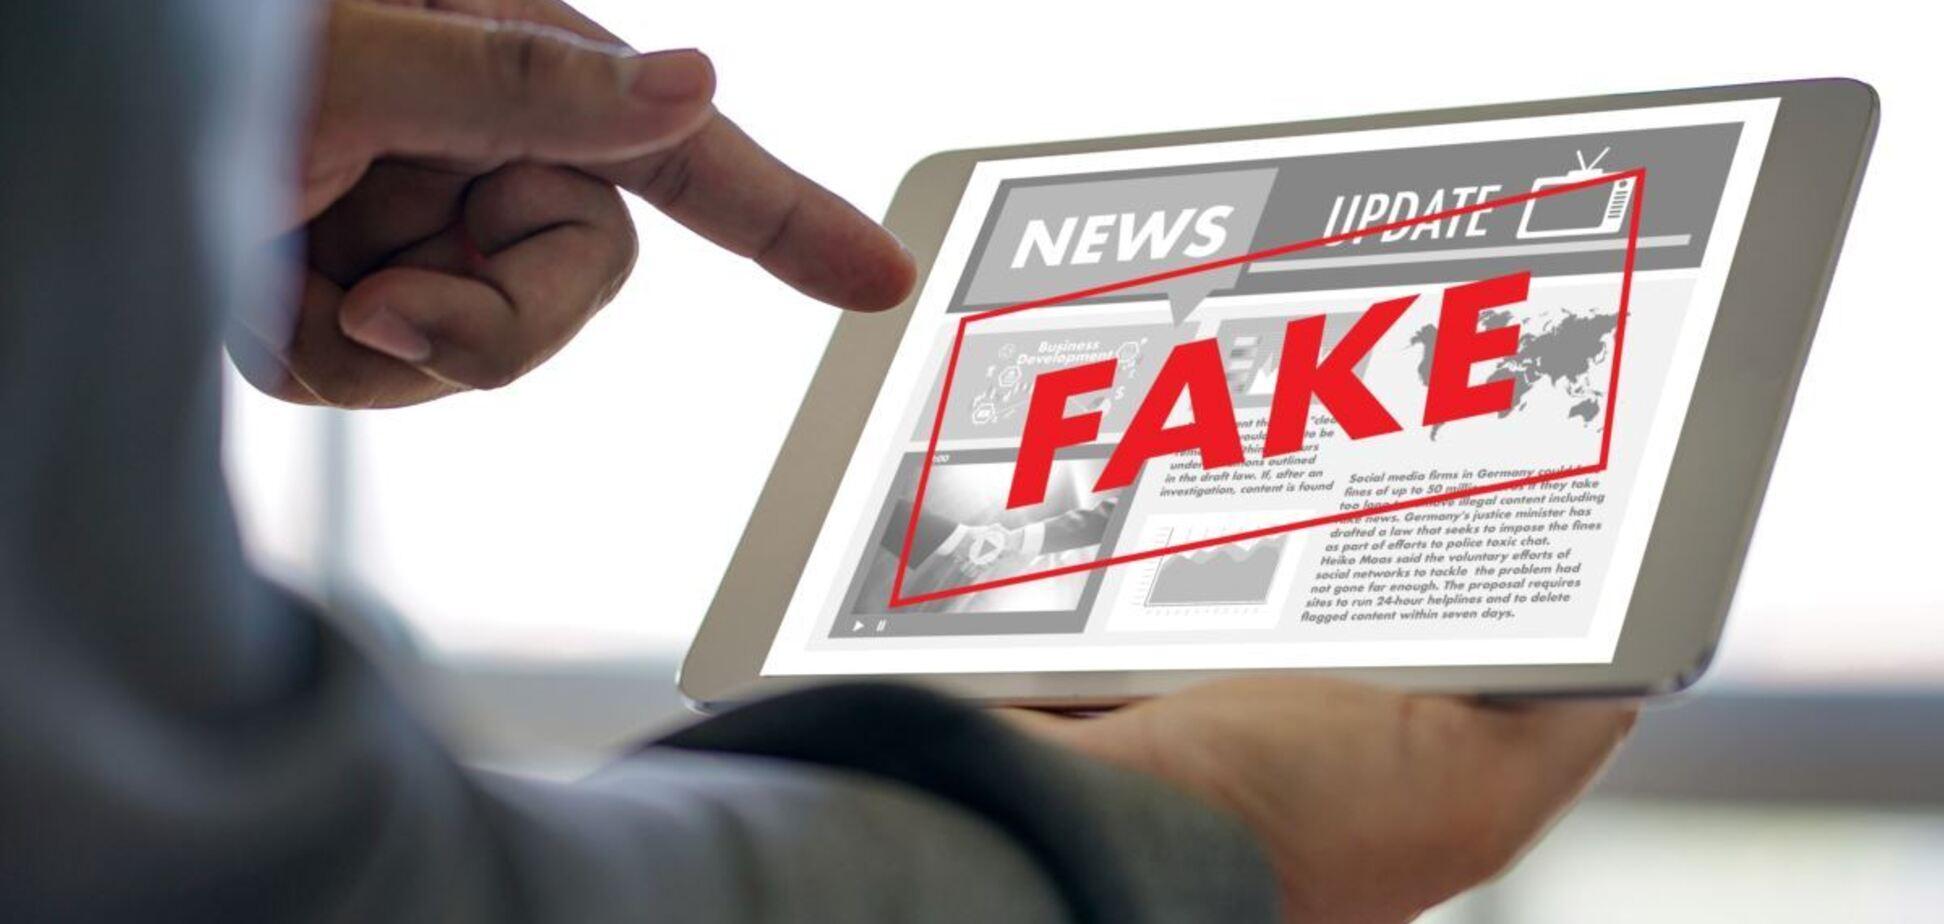 У Дніпрі зібрали основні фейкові заяви опонентів Філатова перед виборами